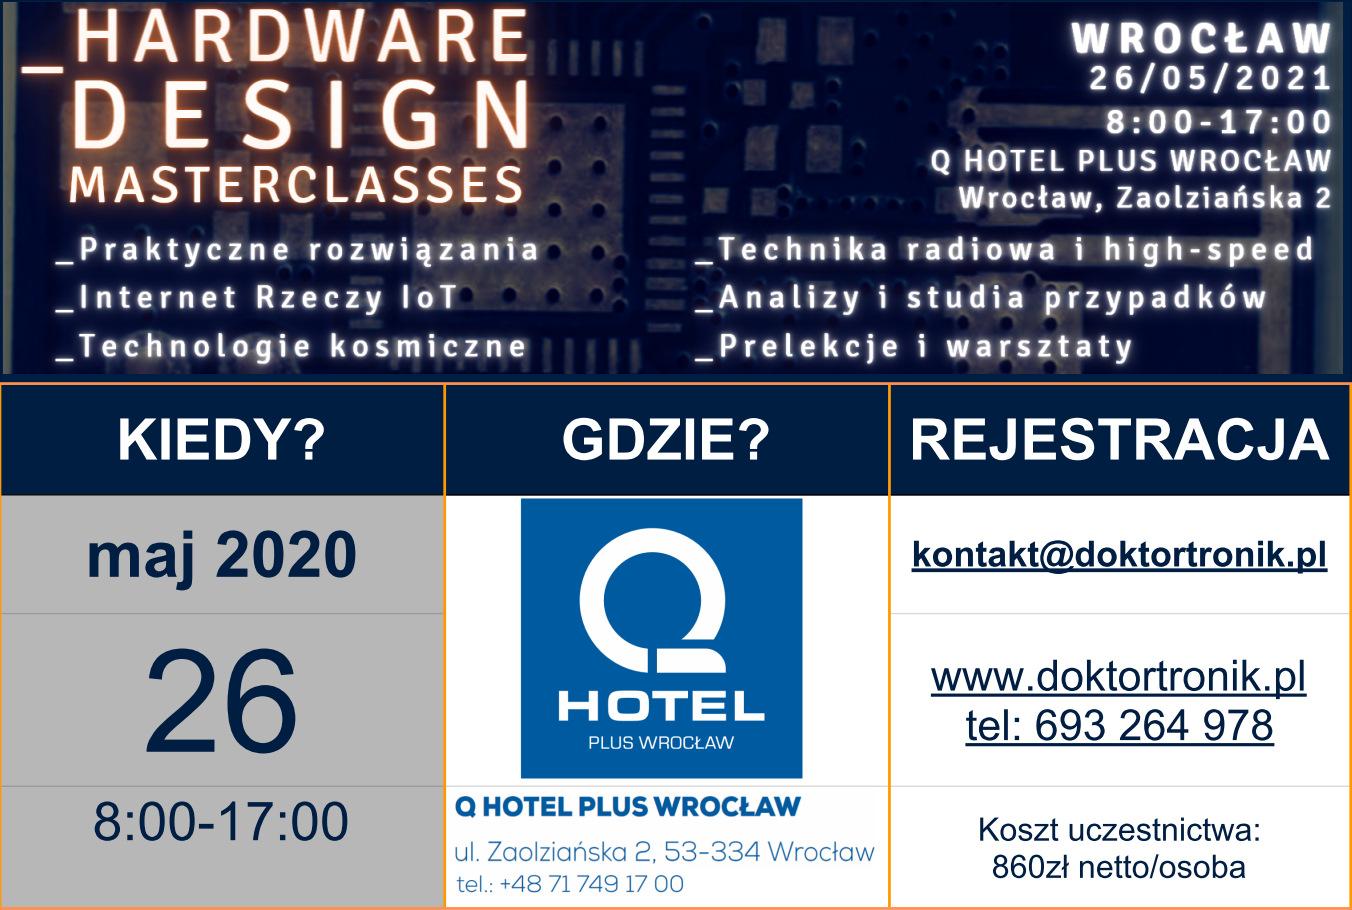 Zaproszenie nakonferencję HDM 2021 (26/05/2021)